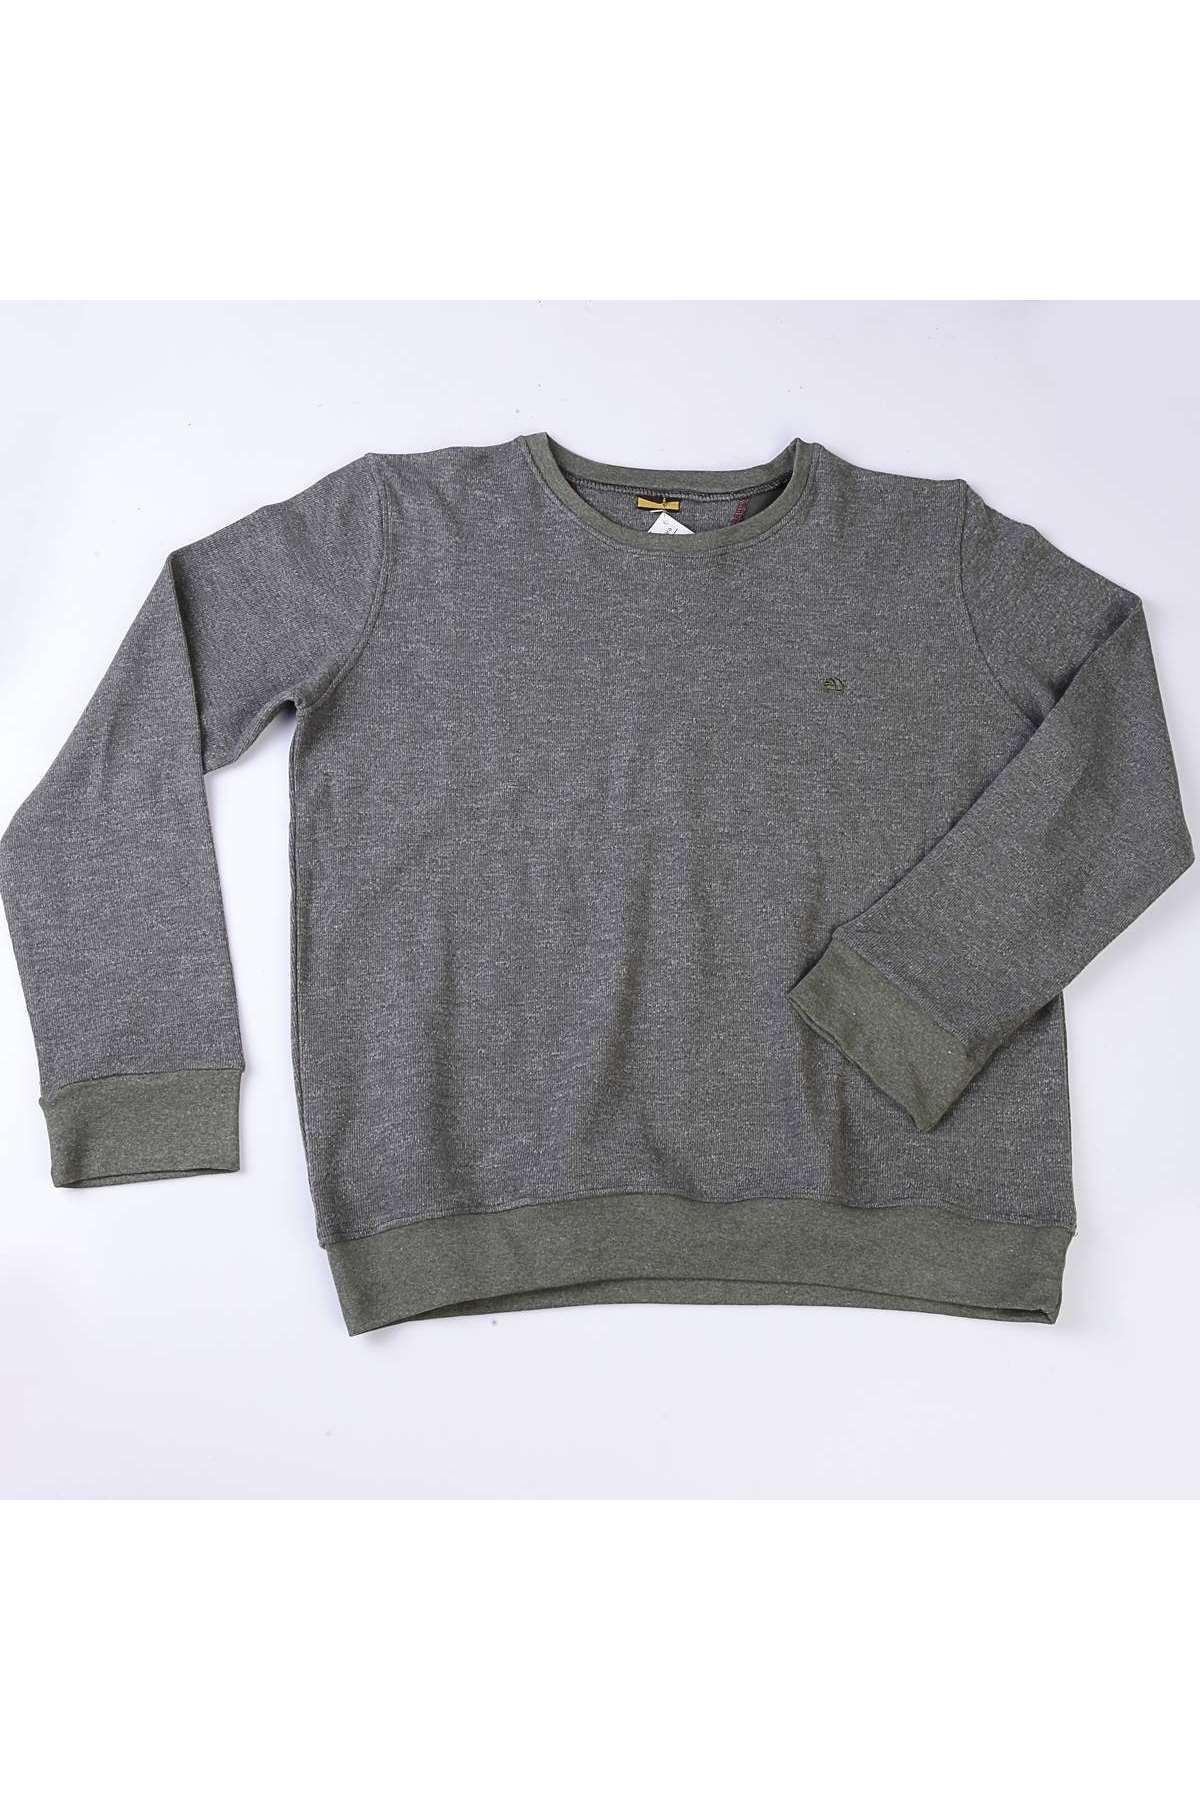 Sıfır Yaka Selanik Süper Battal Sweatshirt Haki